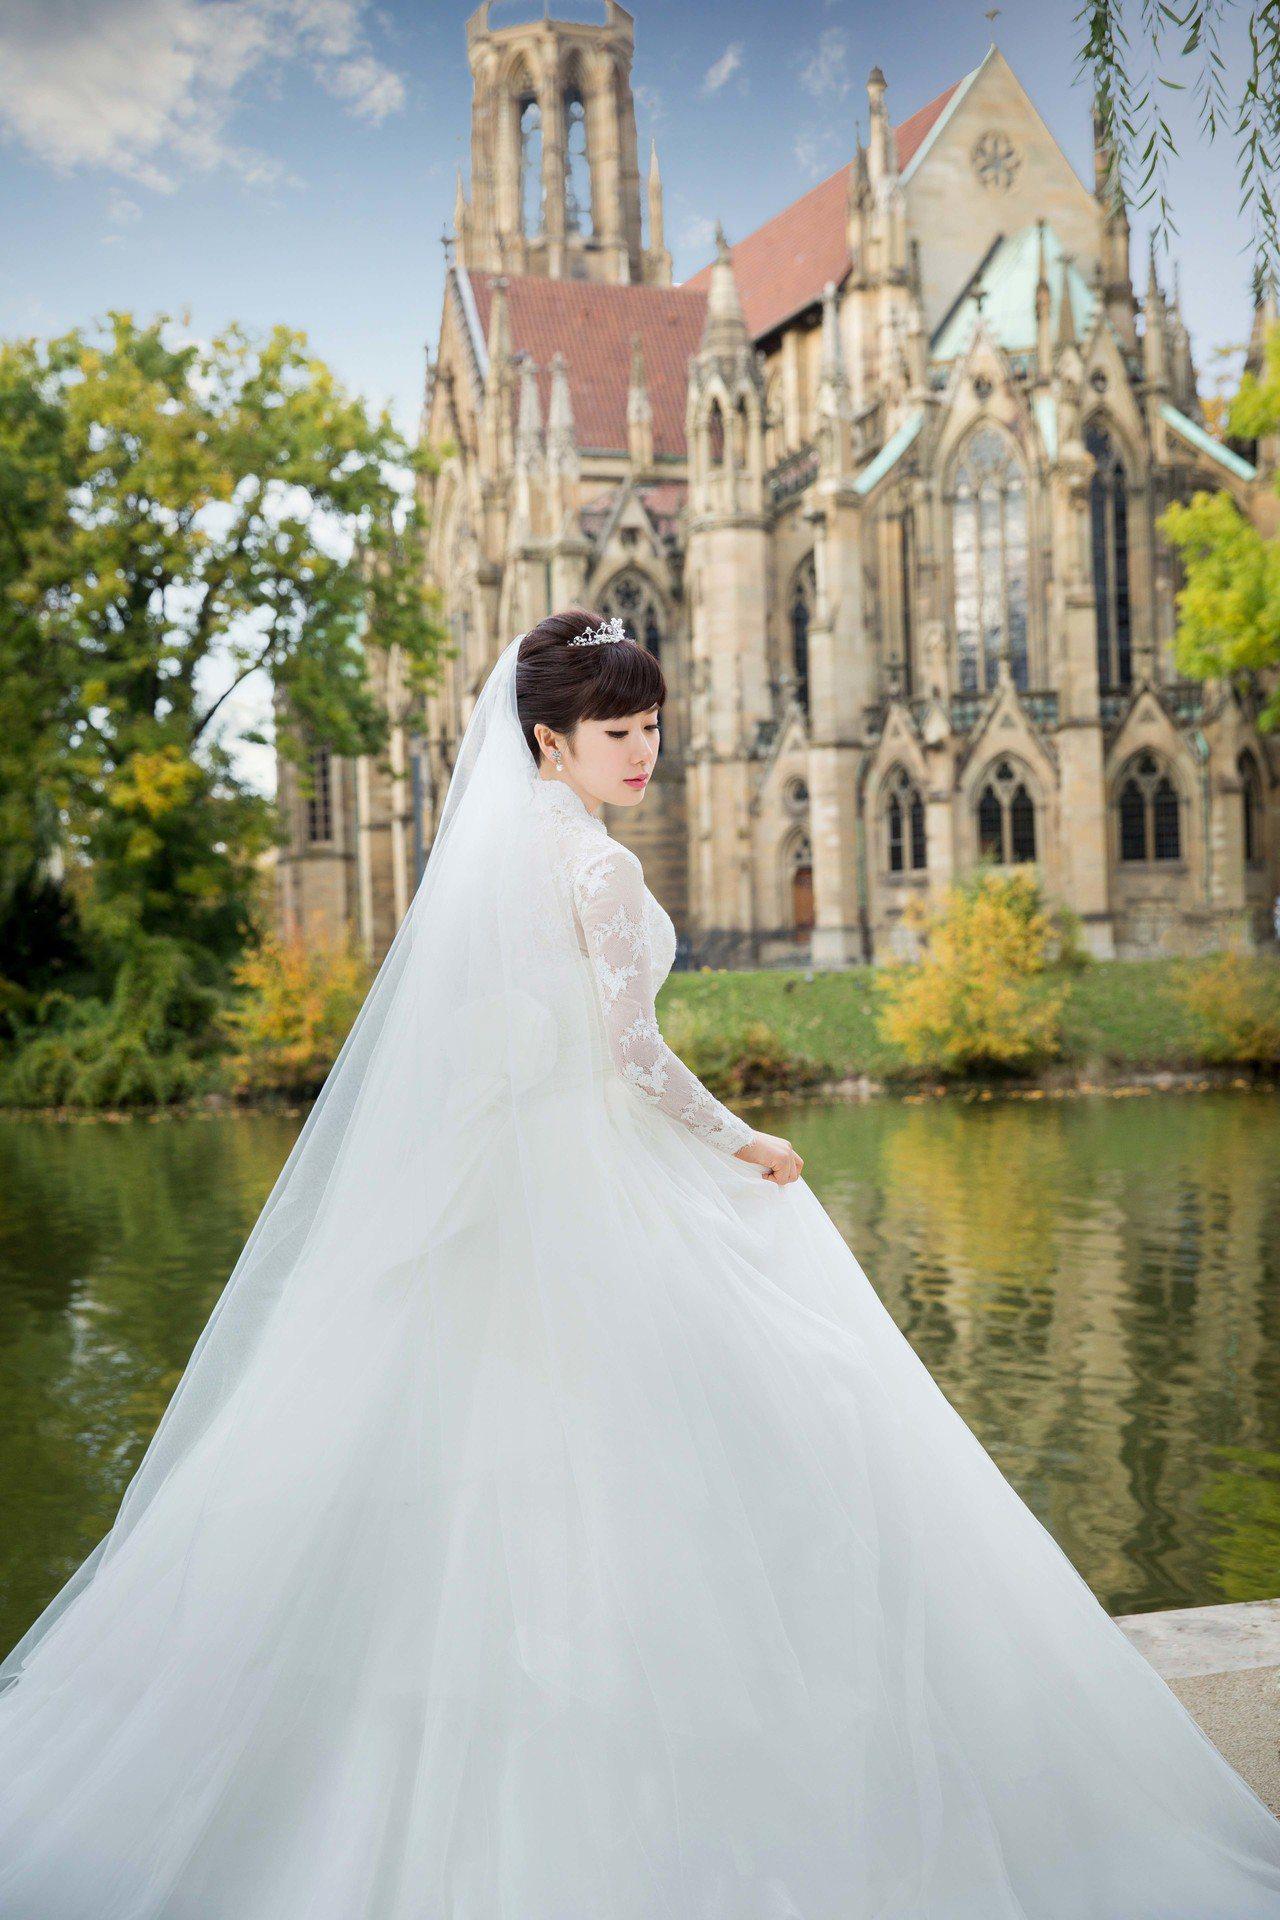 福原愛的婚紗照首度曝光。圖/星予公關提供